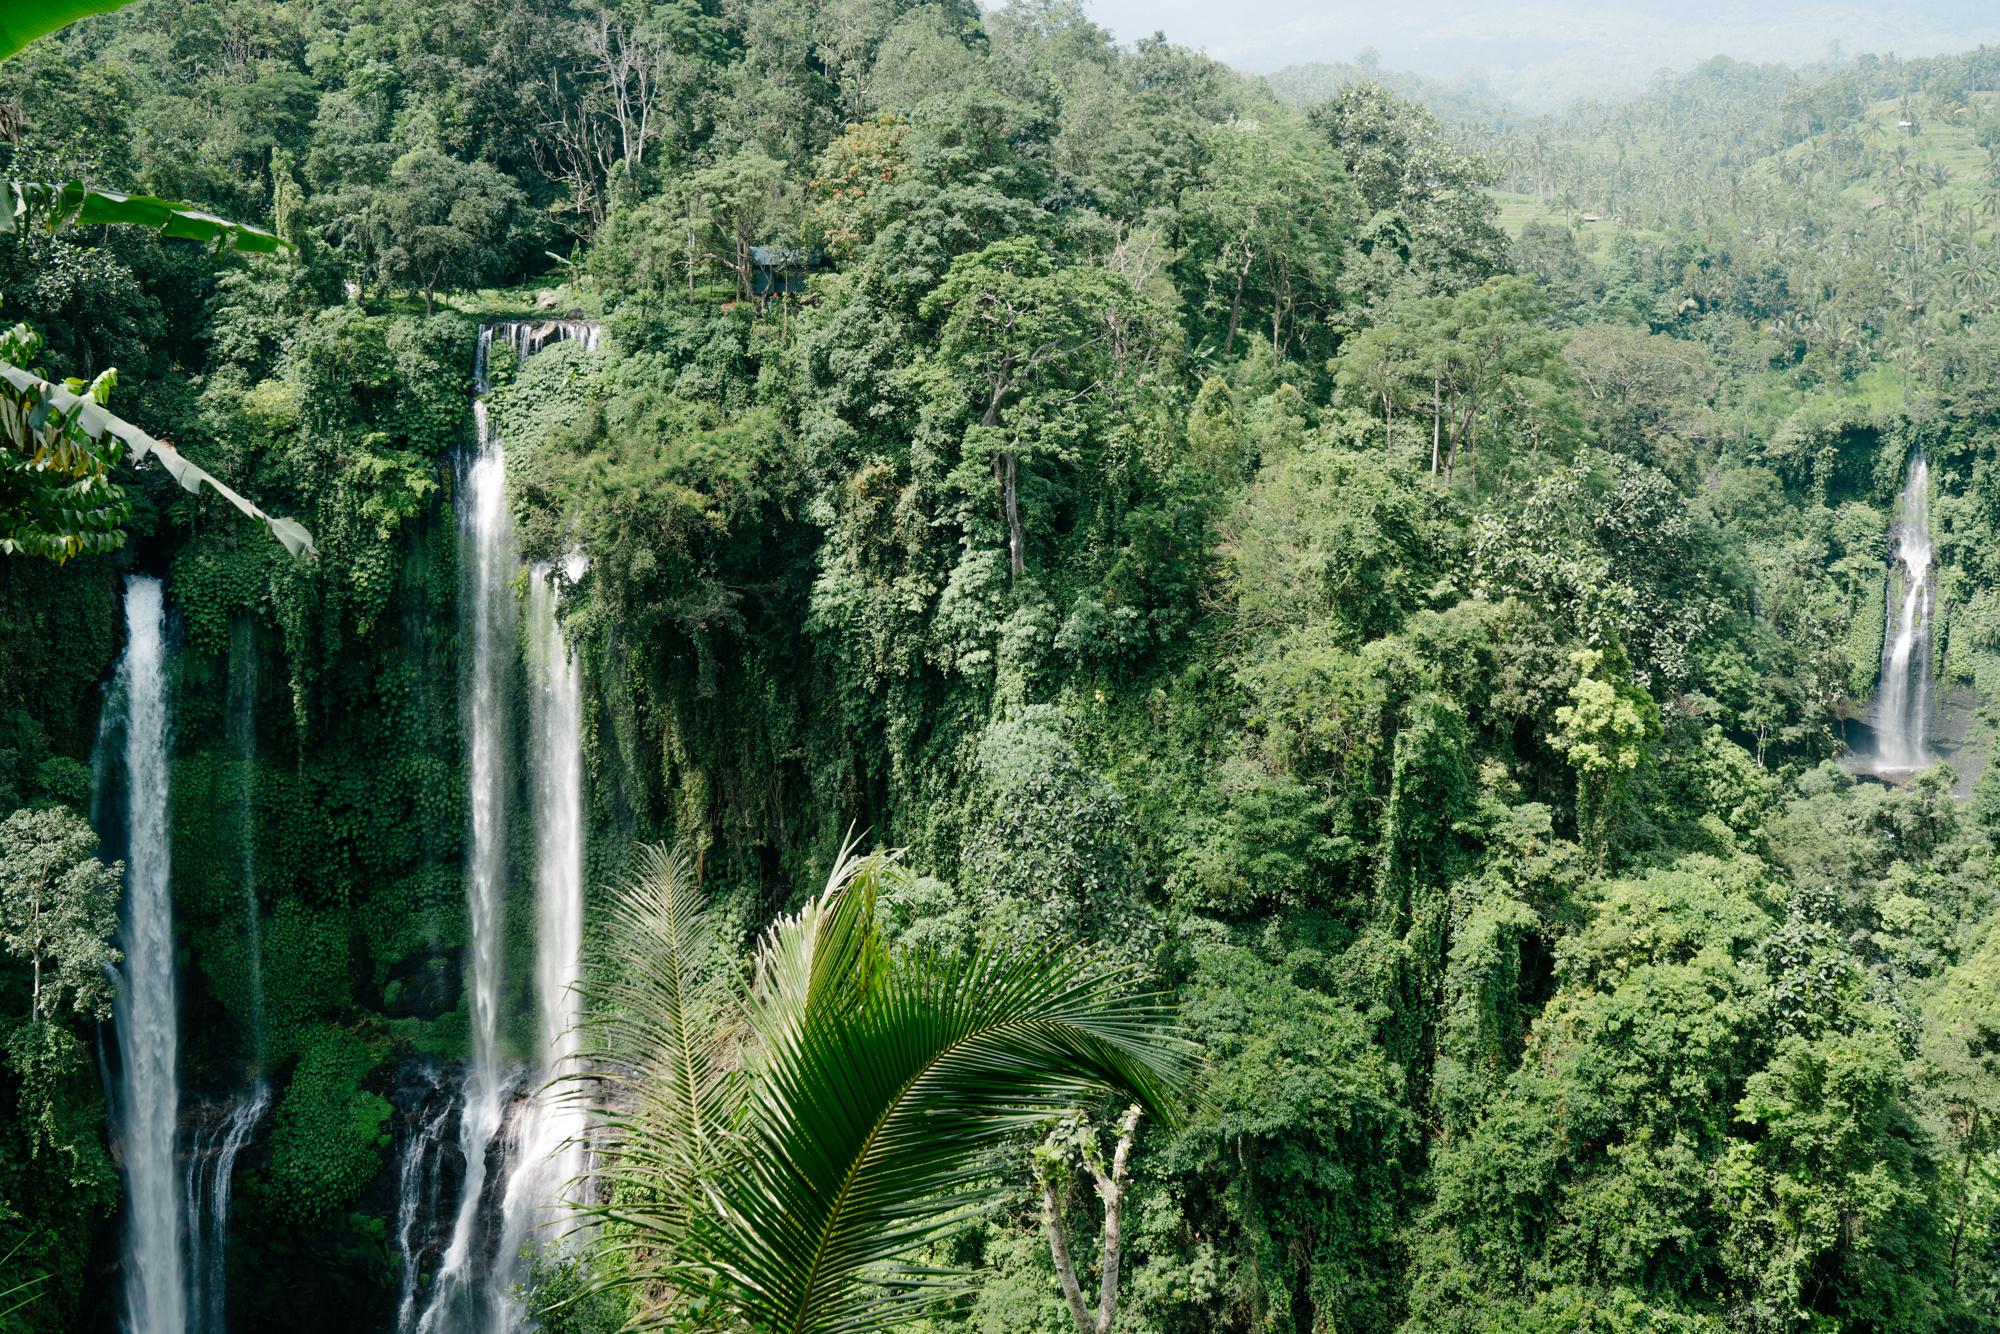 Hike to Sekumpul Waterfall in Bali